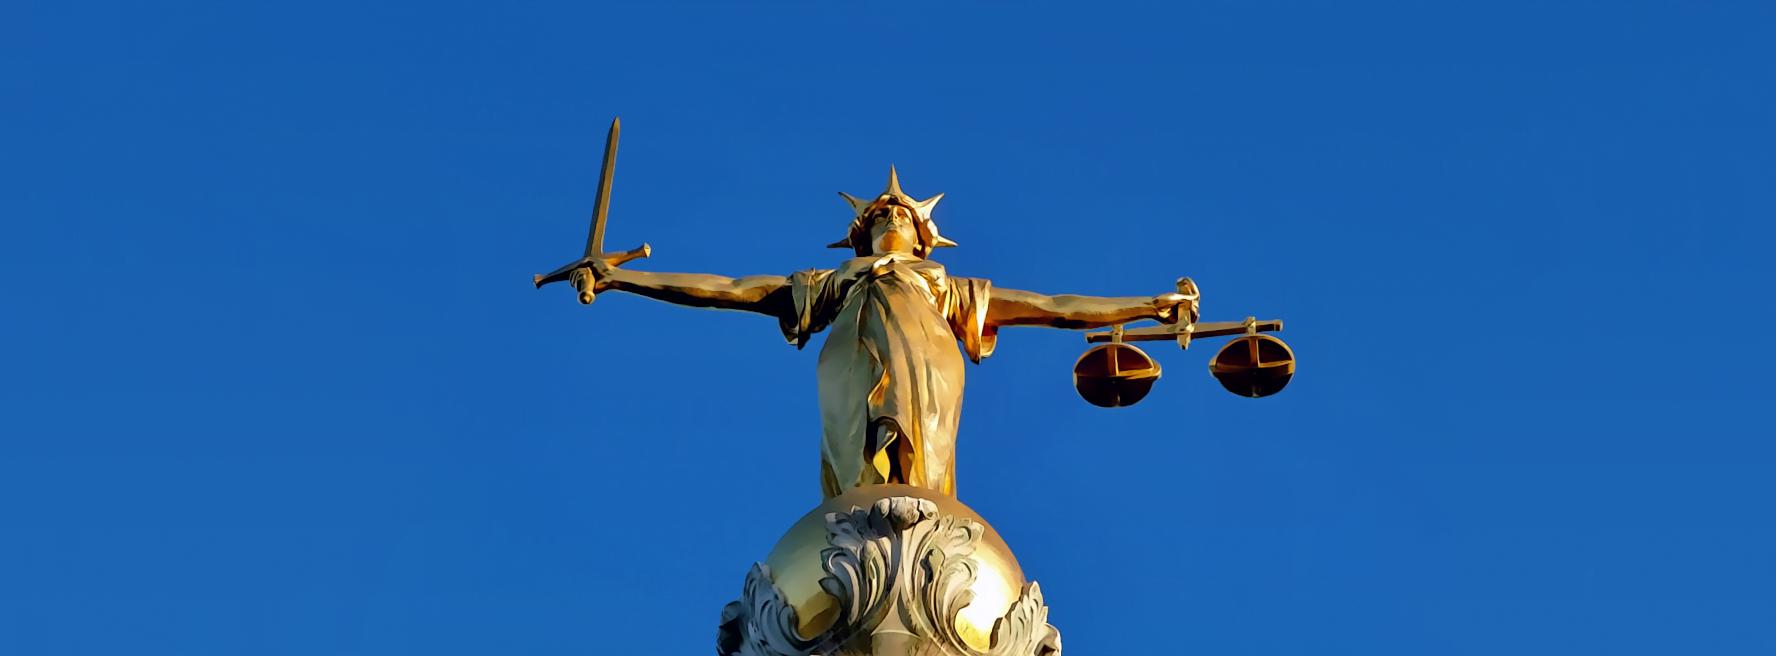 Administrative & Public Law